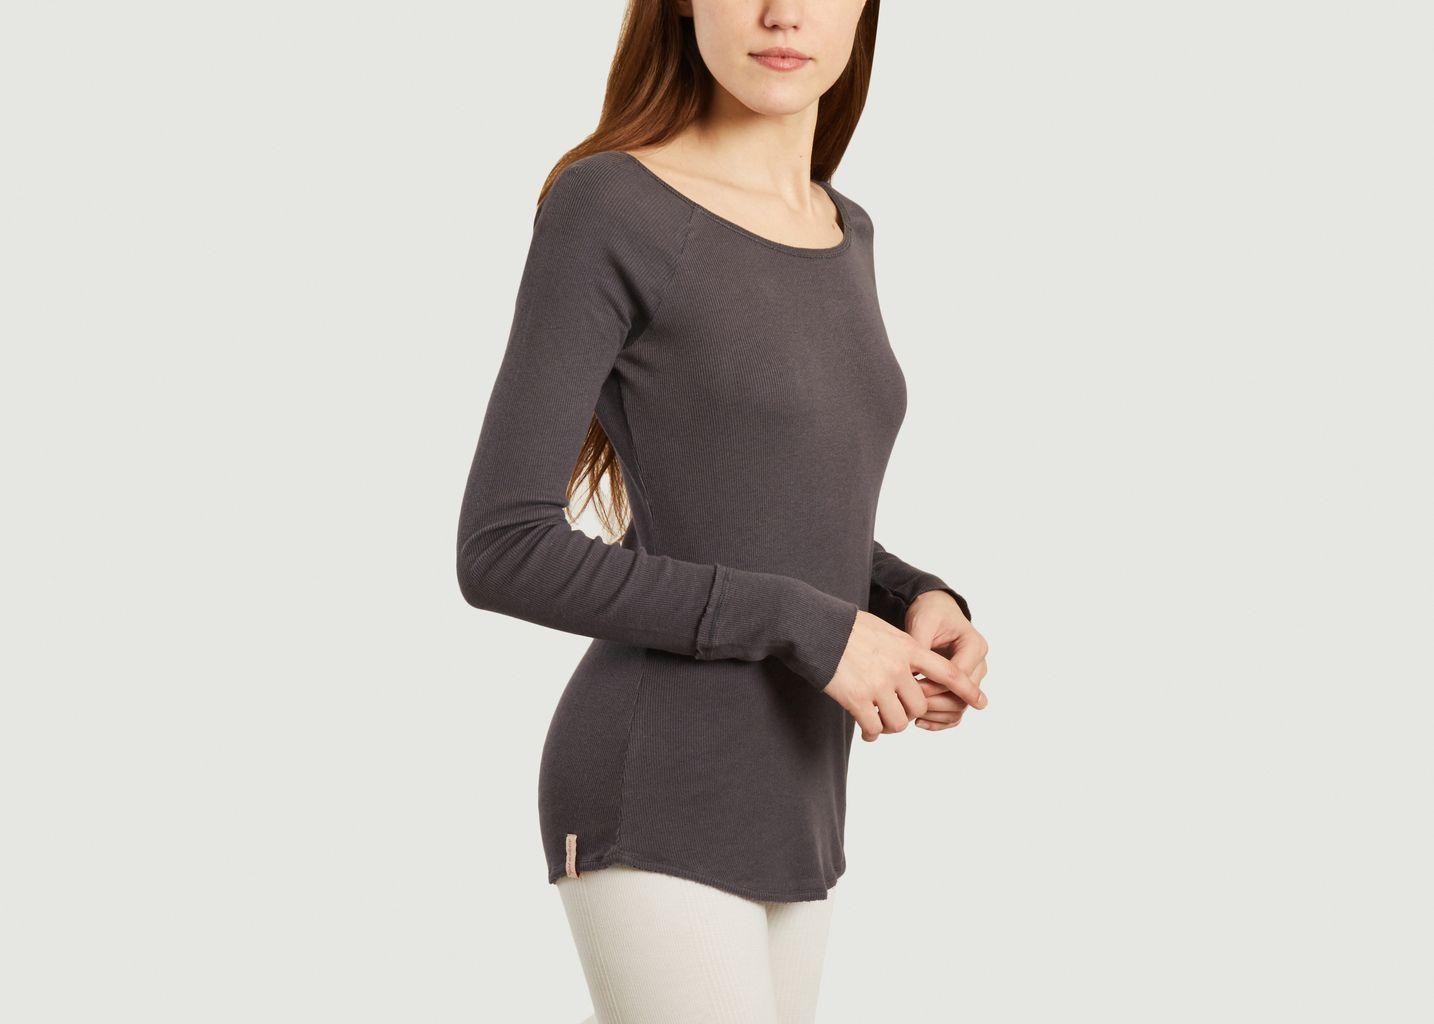 T-shirt manches longues de yoga en coton et modal Vishama - Yoga searcher